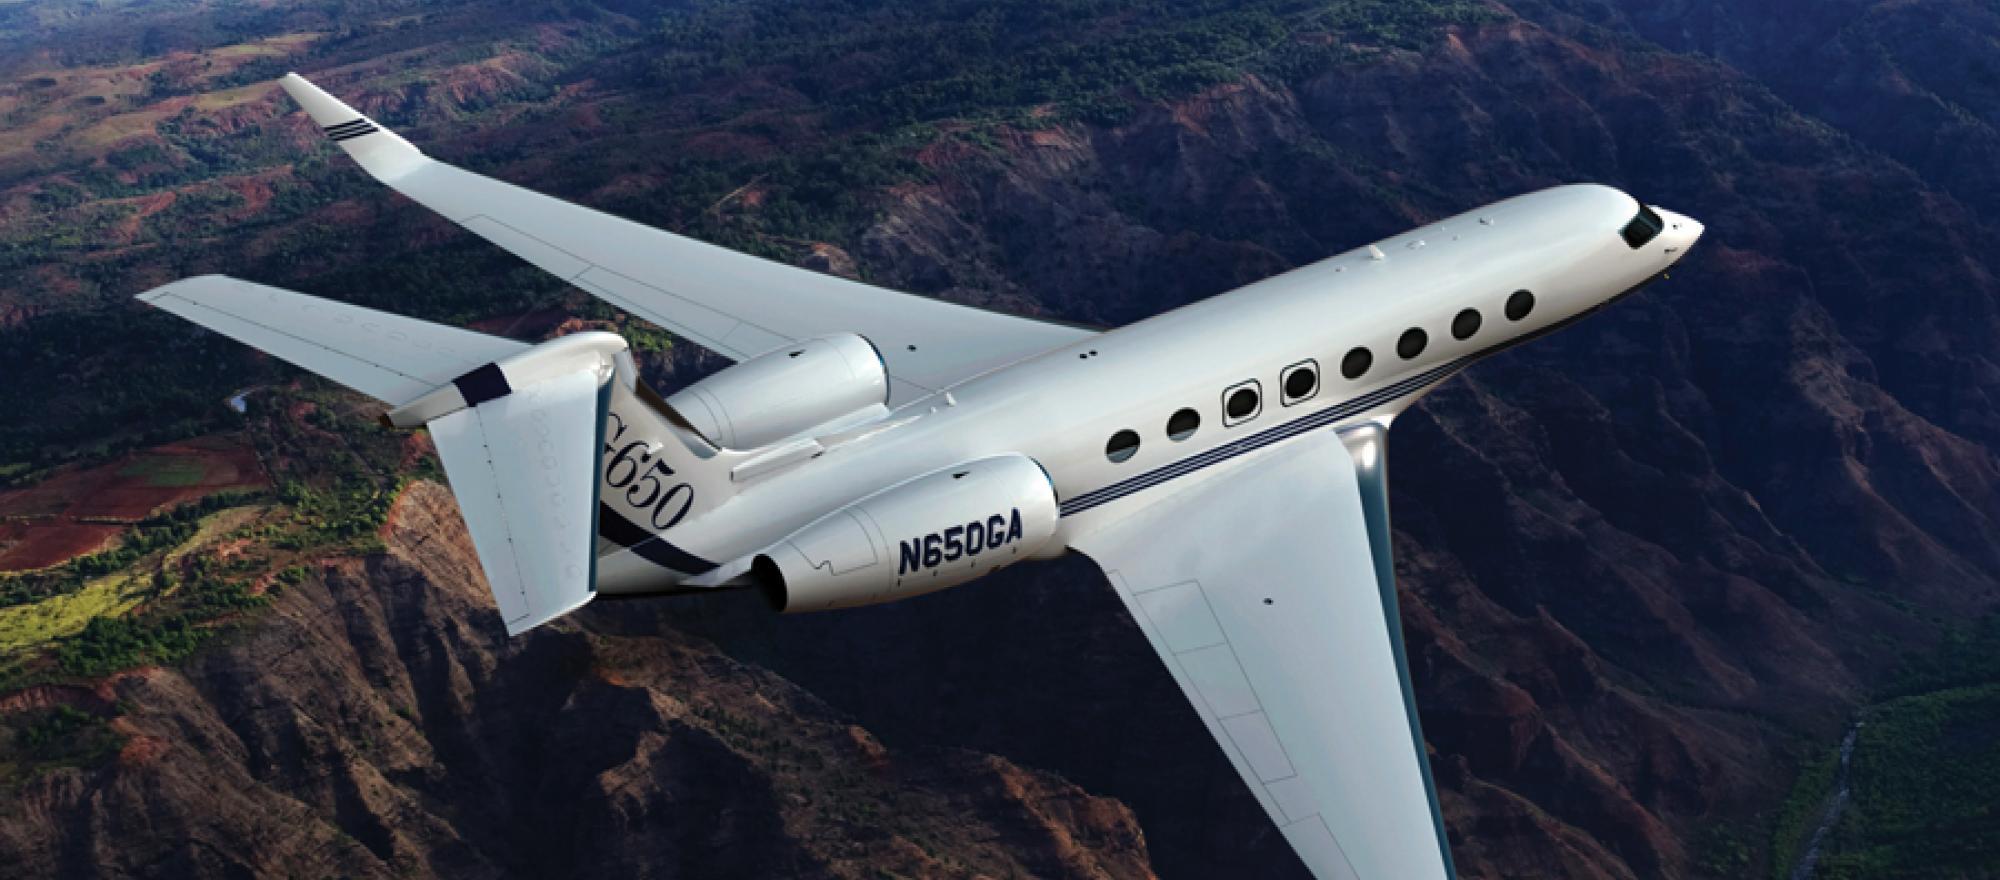 FG utilizaba el Gulfstream G-650 de manera habitual, para sus desplazamientos profesionales